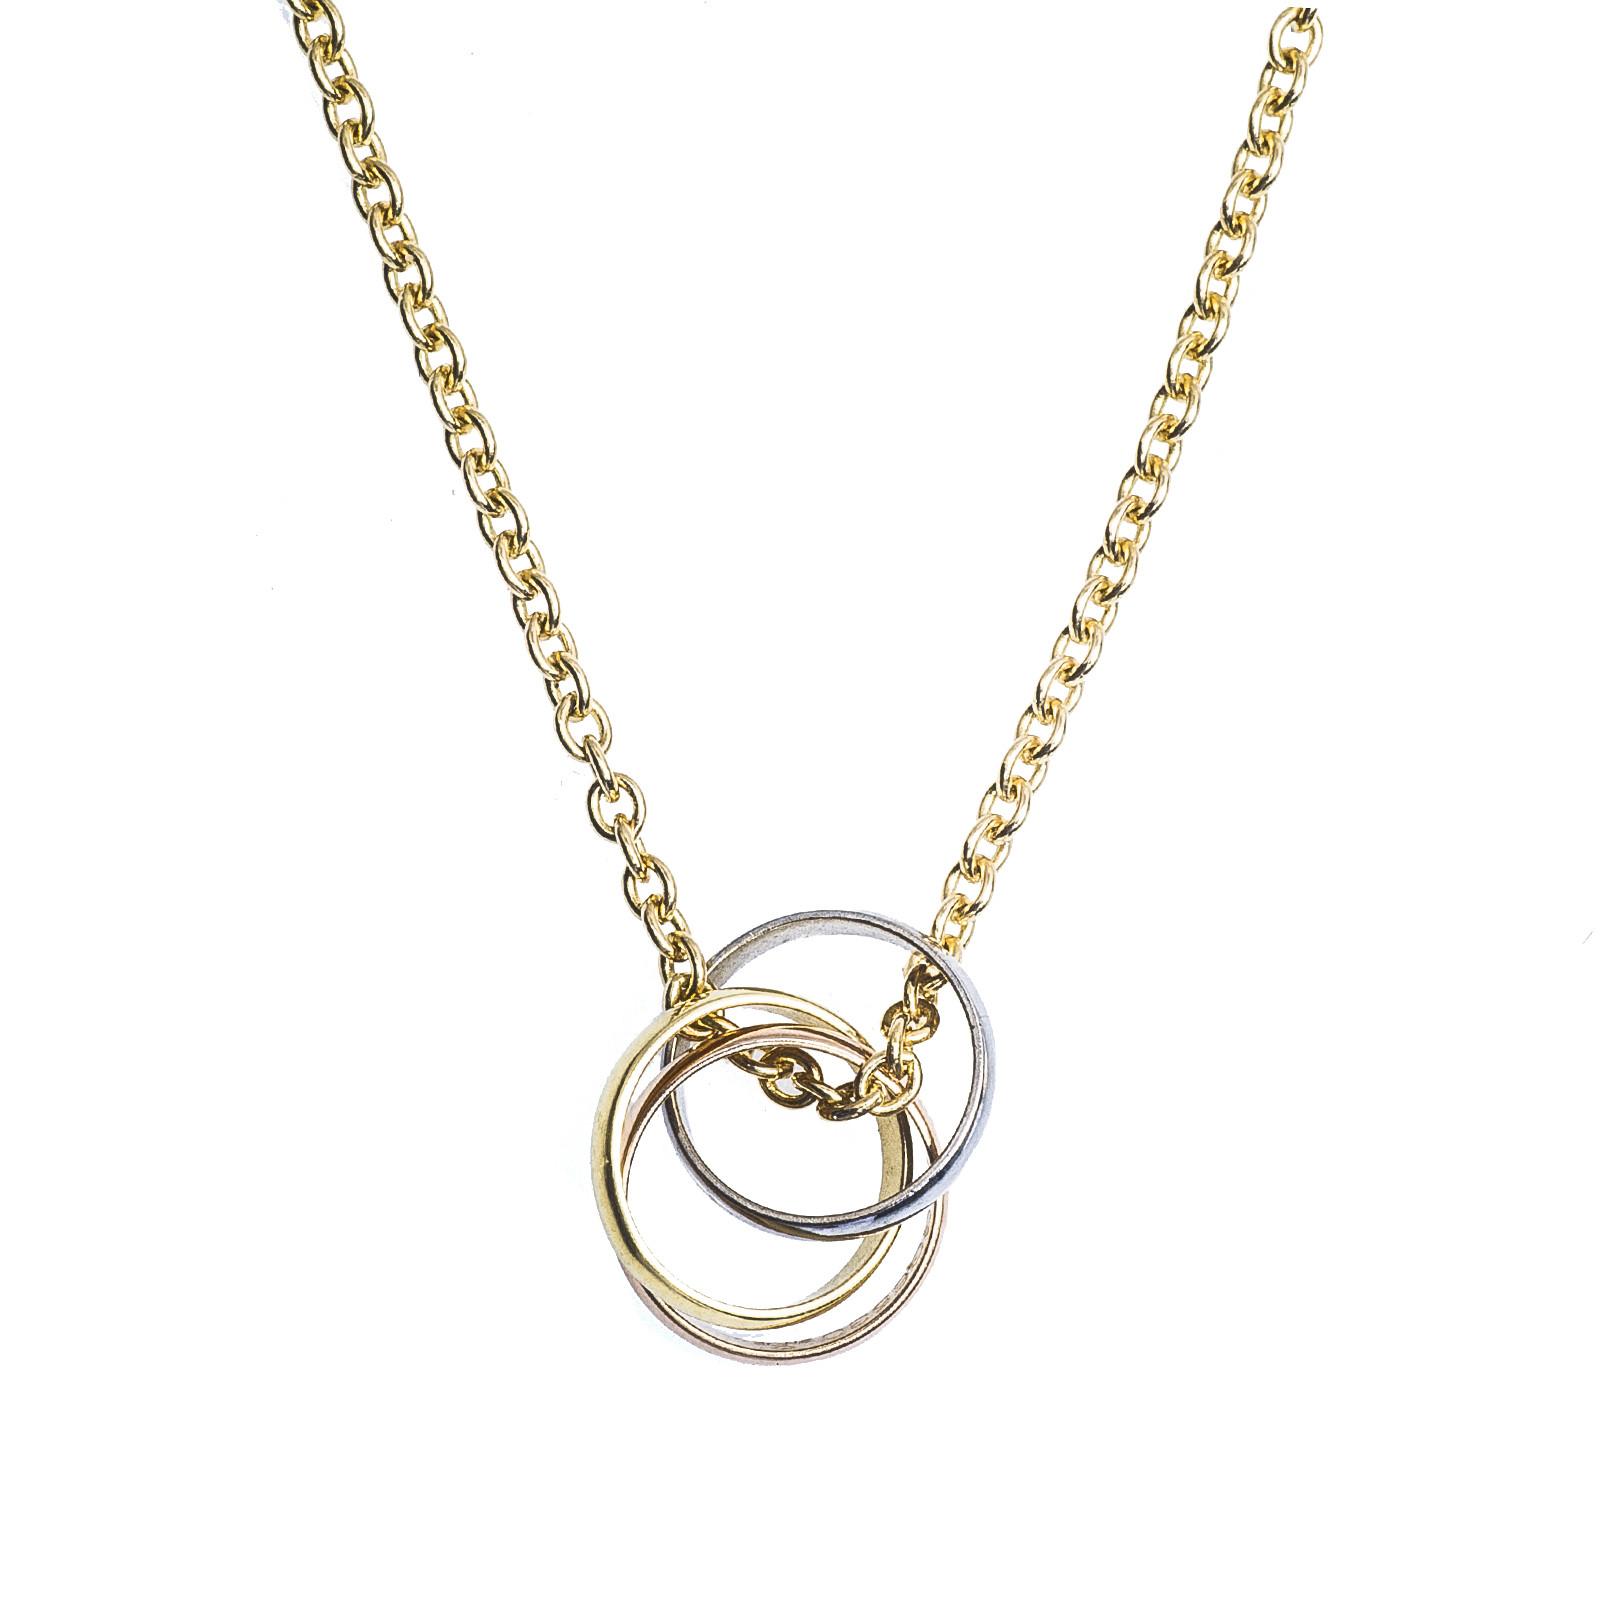 Vintage Cartier Trinity Necklace